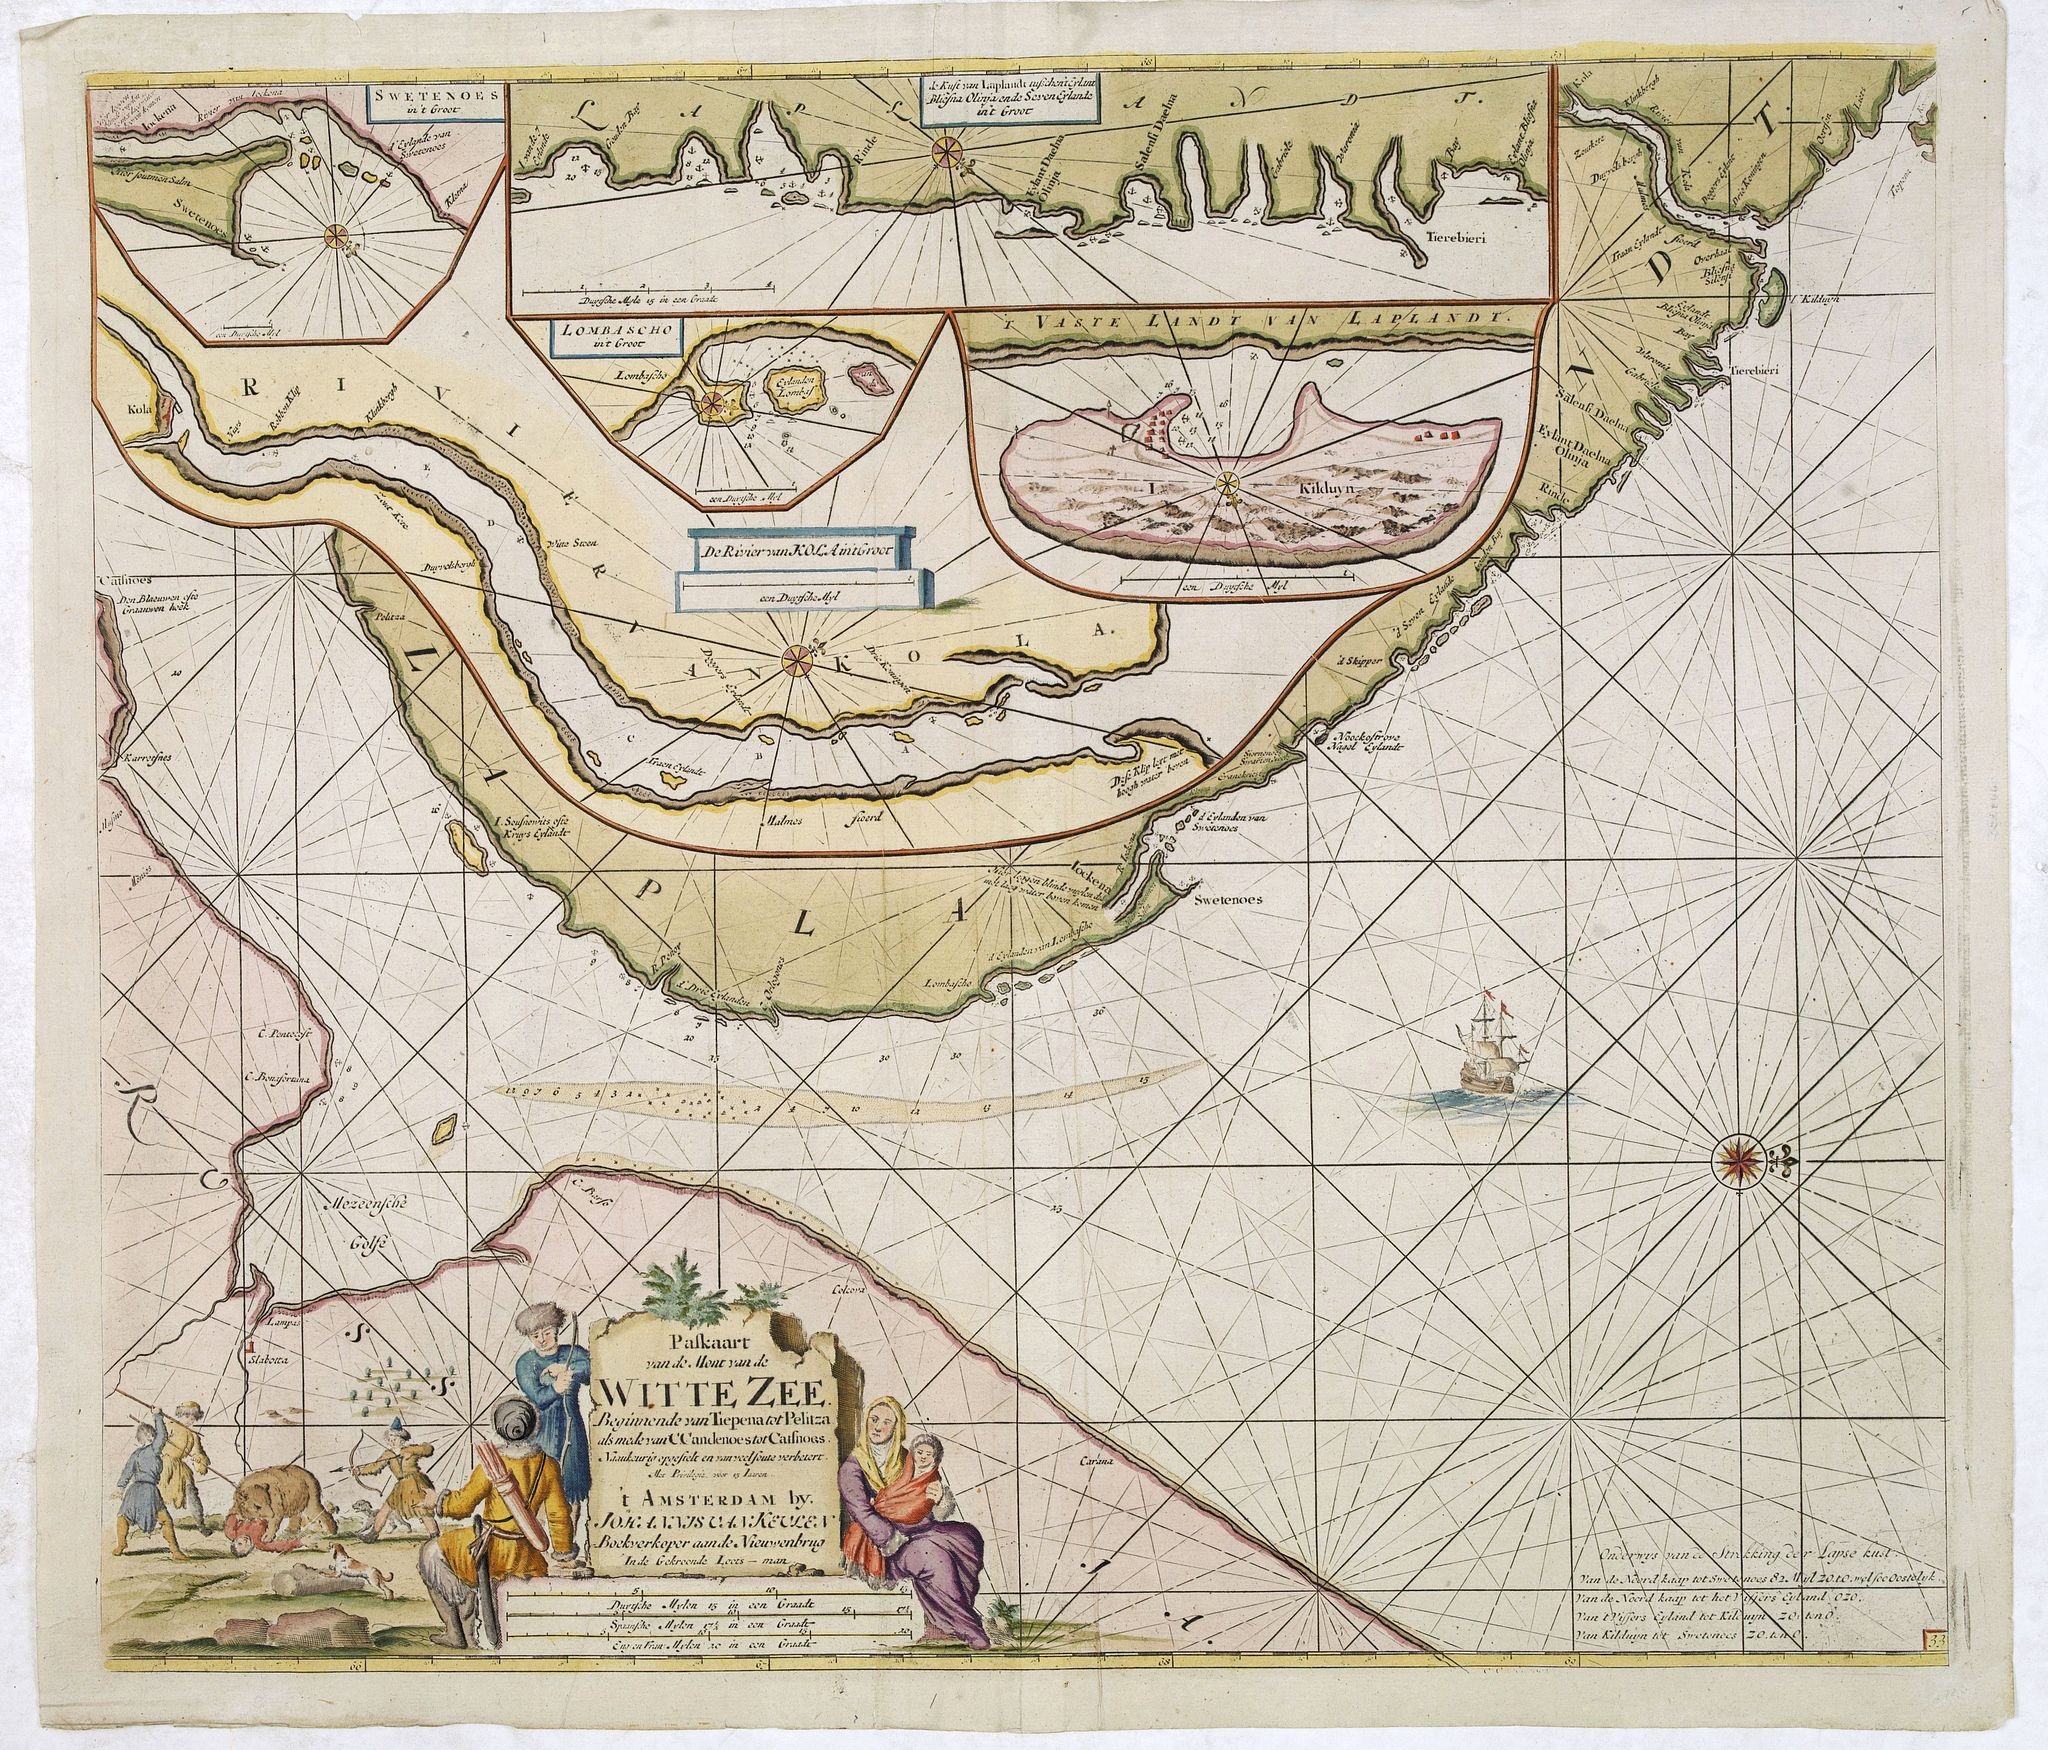 VAN KEULEN, J. -  Paskaart van de Mont van de Witte Zee,. Beginnende van Tiepena tot Pelitza, als mede van C. Cindenoes tot Catsnoes.